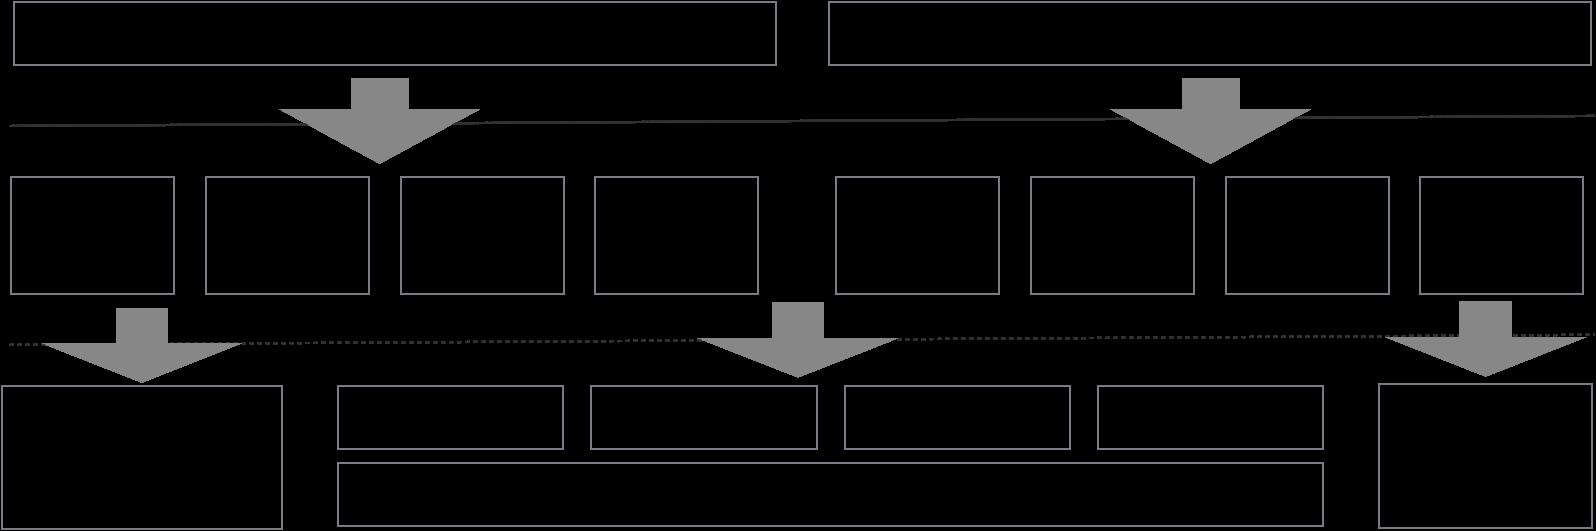 交通业务线仓库结构示意图